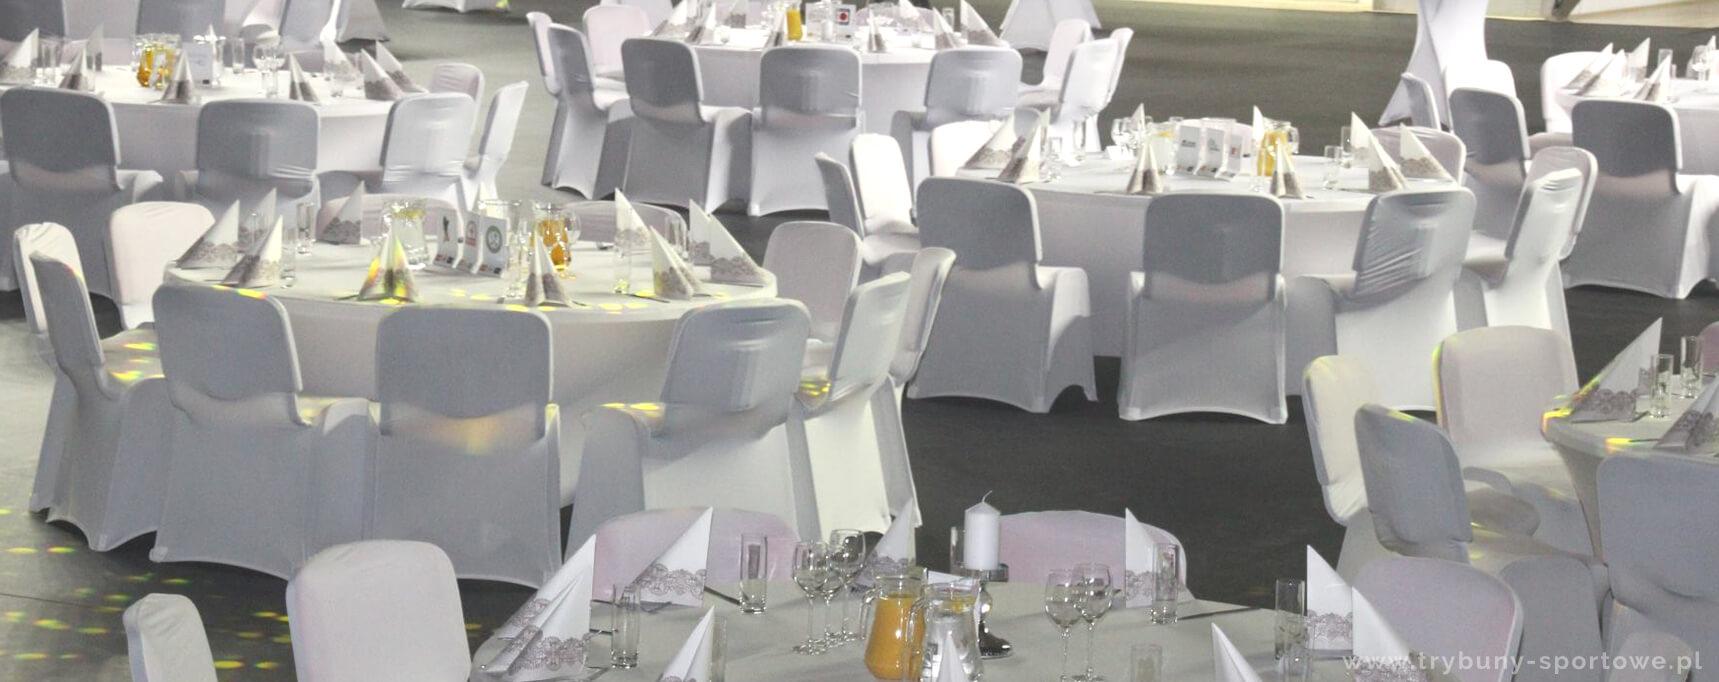 Wynajem stołów -krzeseł - trybuny-sportowe - pl